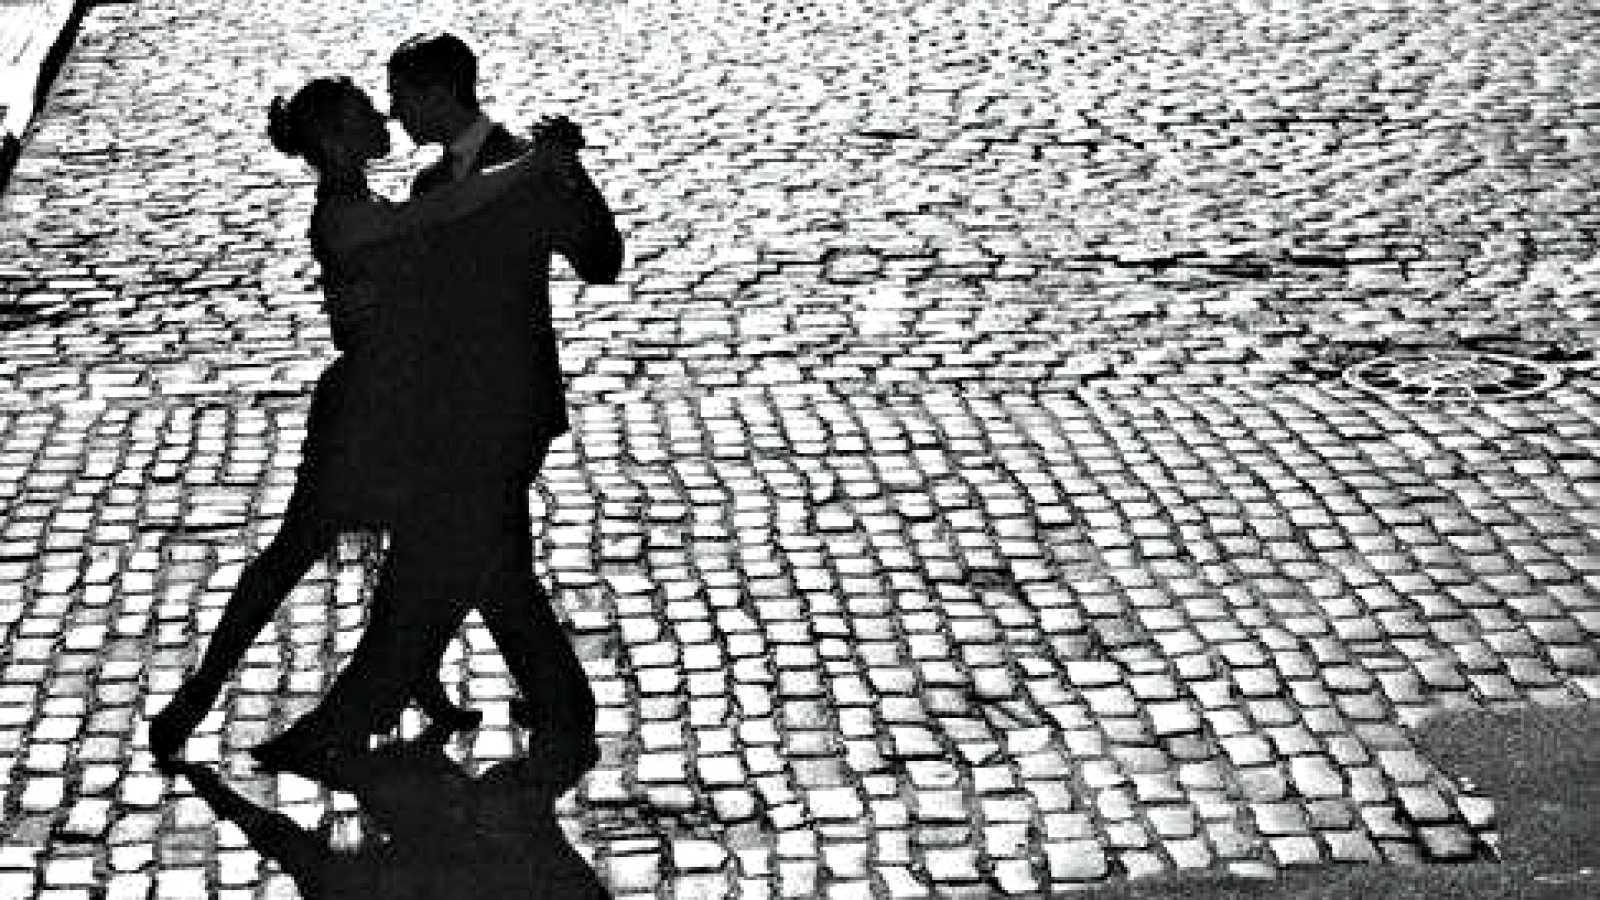 Música con estilo - El tango - 26/08/18 - escuchar ahora